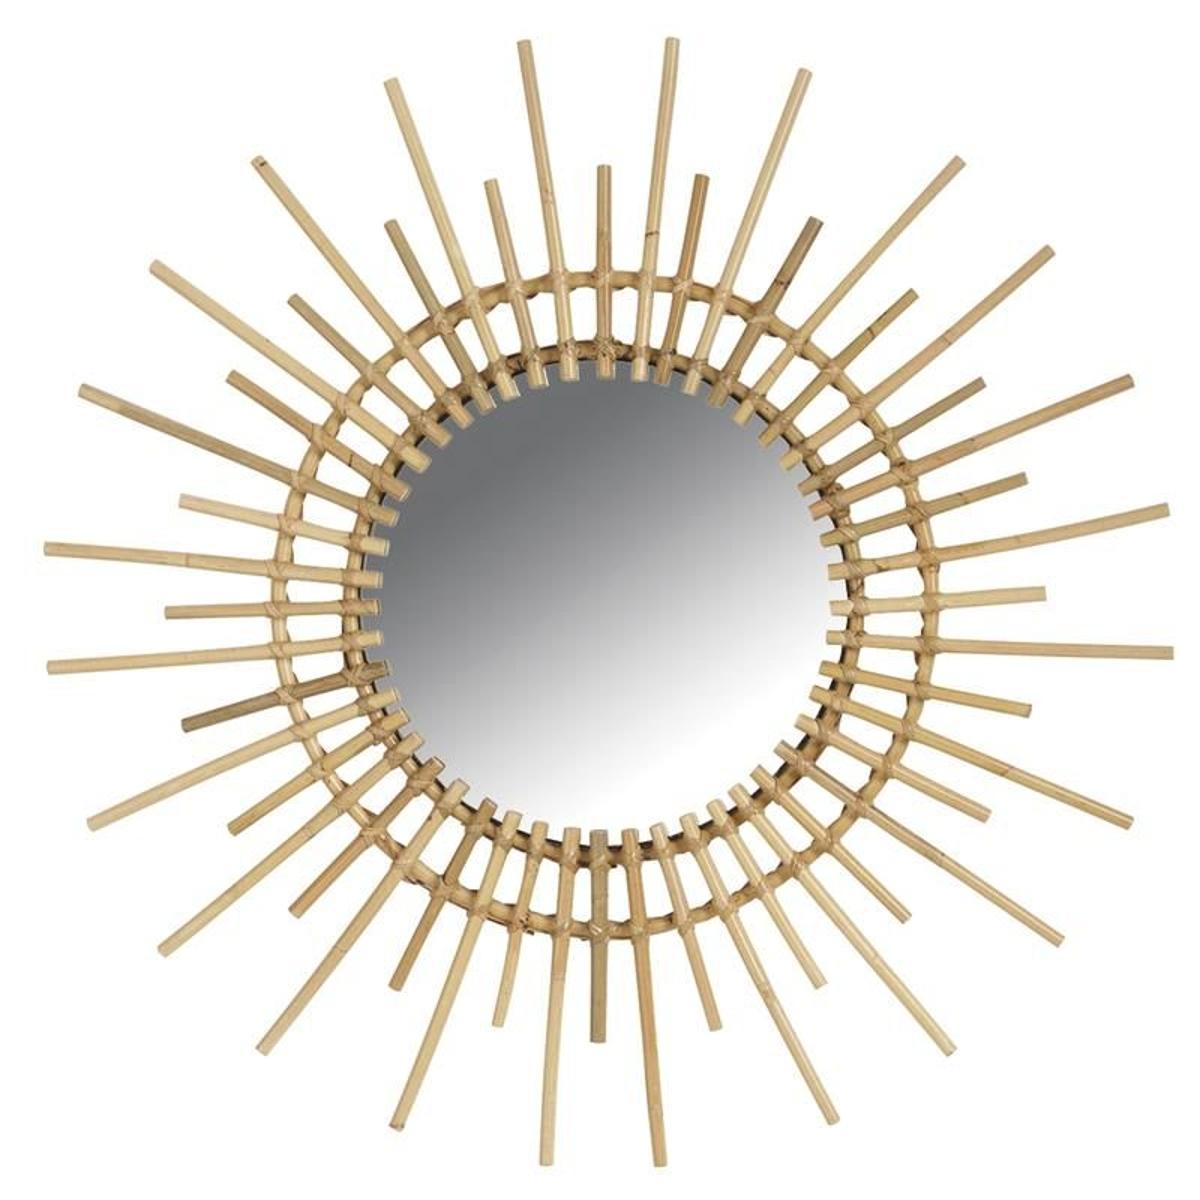 Miroir rotin vintage soleil